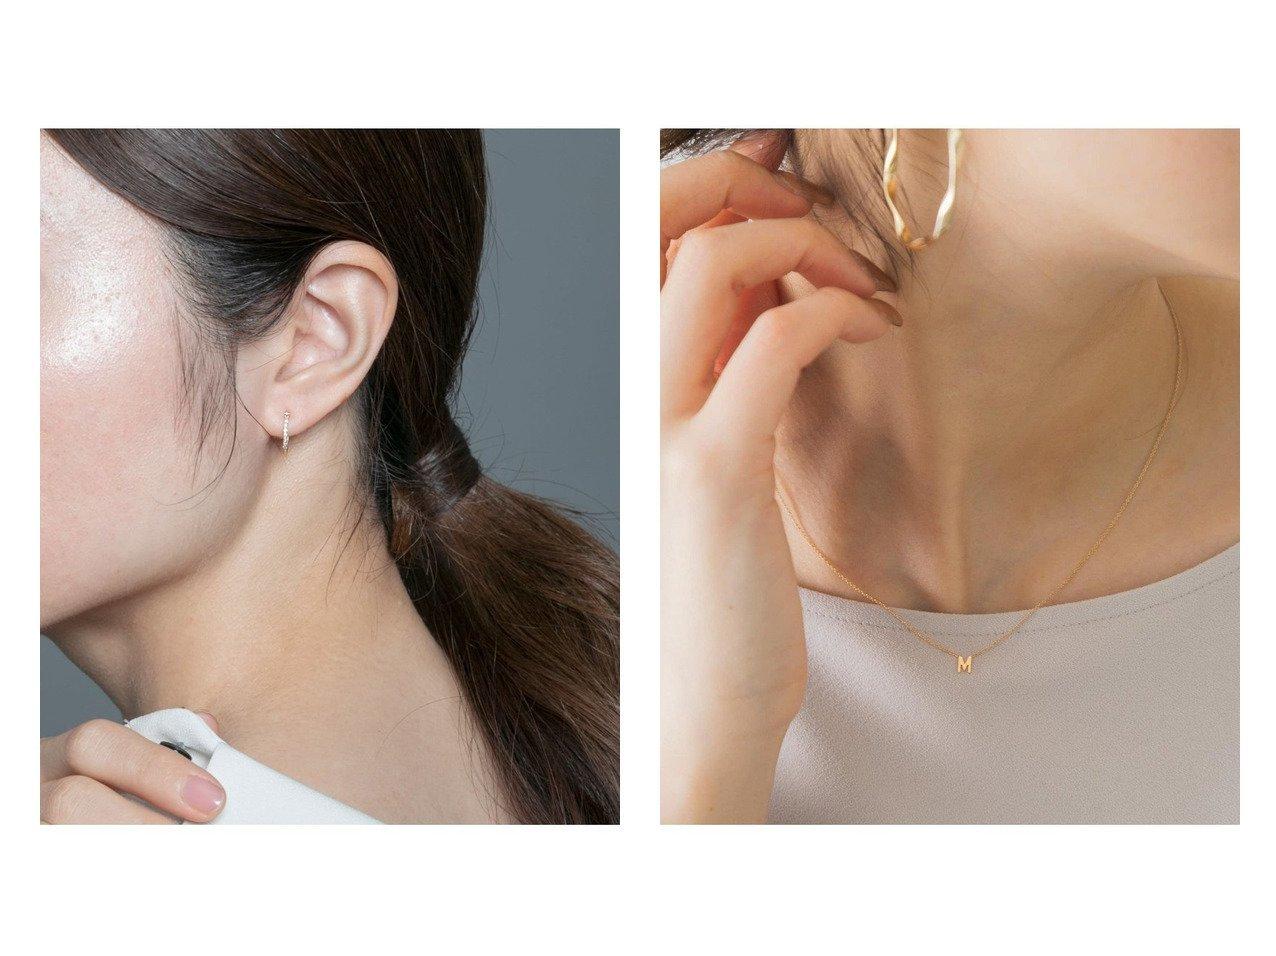 【URBAN RESEARCH/アーバンリサーチ】のff by decor urban research ダイヤフープピアス&GABRIELA ARTIGAS COMPANY Necklace M アクセサリー・ジュエリーのおすすめ!人気、トレンド・レディースファッションの通販 おすすめで人気の流行・トレンド、ファッションの通販商品 メンズファッション・キッズファッション・インテリア・家具・レディースファッション・服の通販 founy(ファニー) https://founy.com/ ファッション Fashion レディースファッション WOMEN ジュエリー Jewelry ネックレス Necklaces NEW・新作・新着・新入荷 New Arrivals アクセサリー ジュエリー コレクション ネックレス ハンド  ID:crp329100000012085